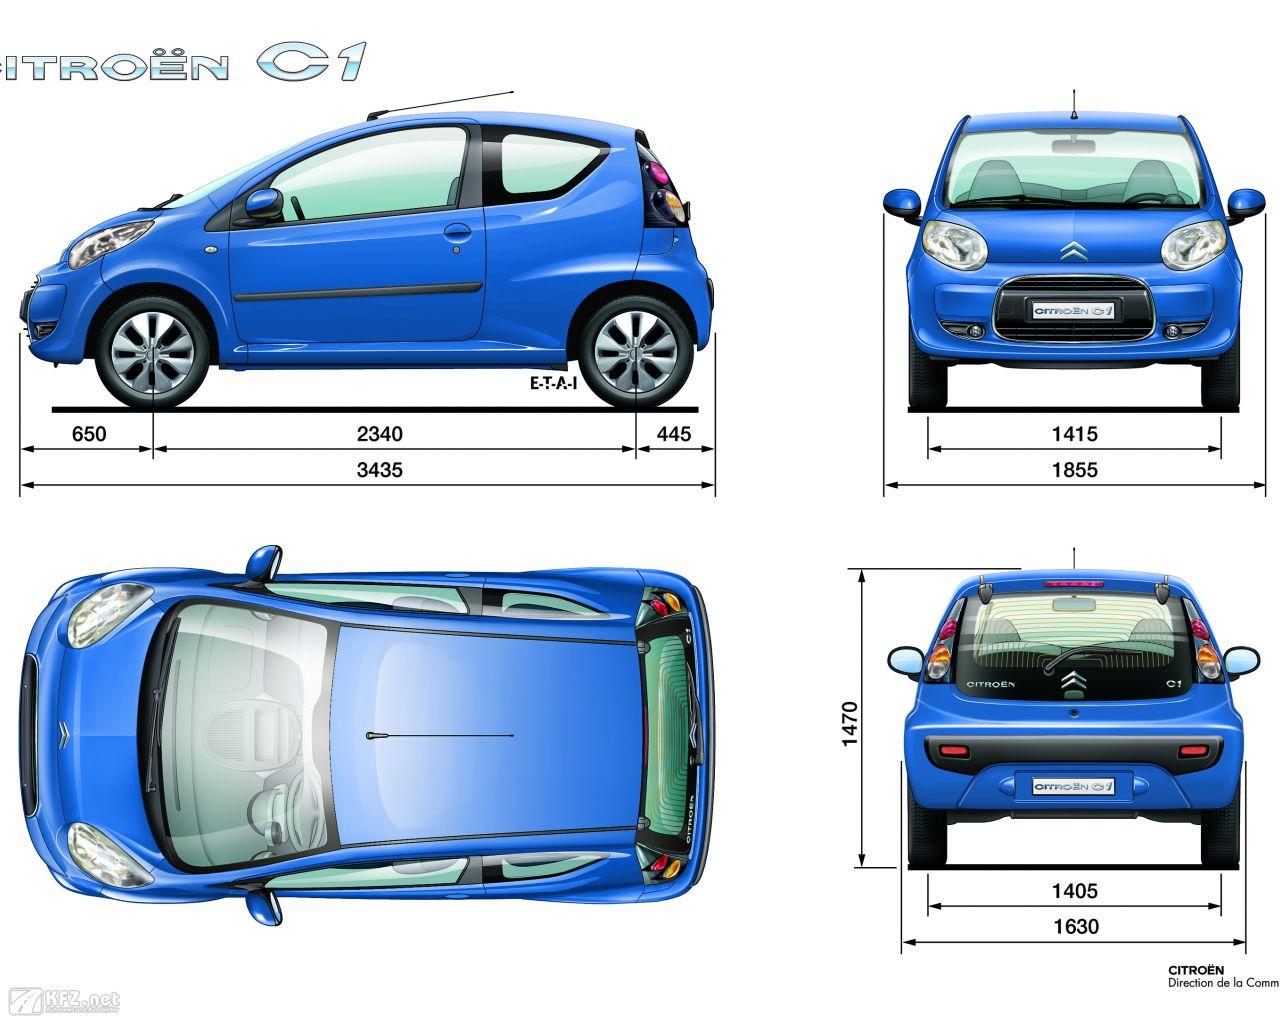 Citroën C1 Bilder. Der Kleinwagen mit 3 und 5 Türen.